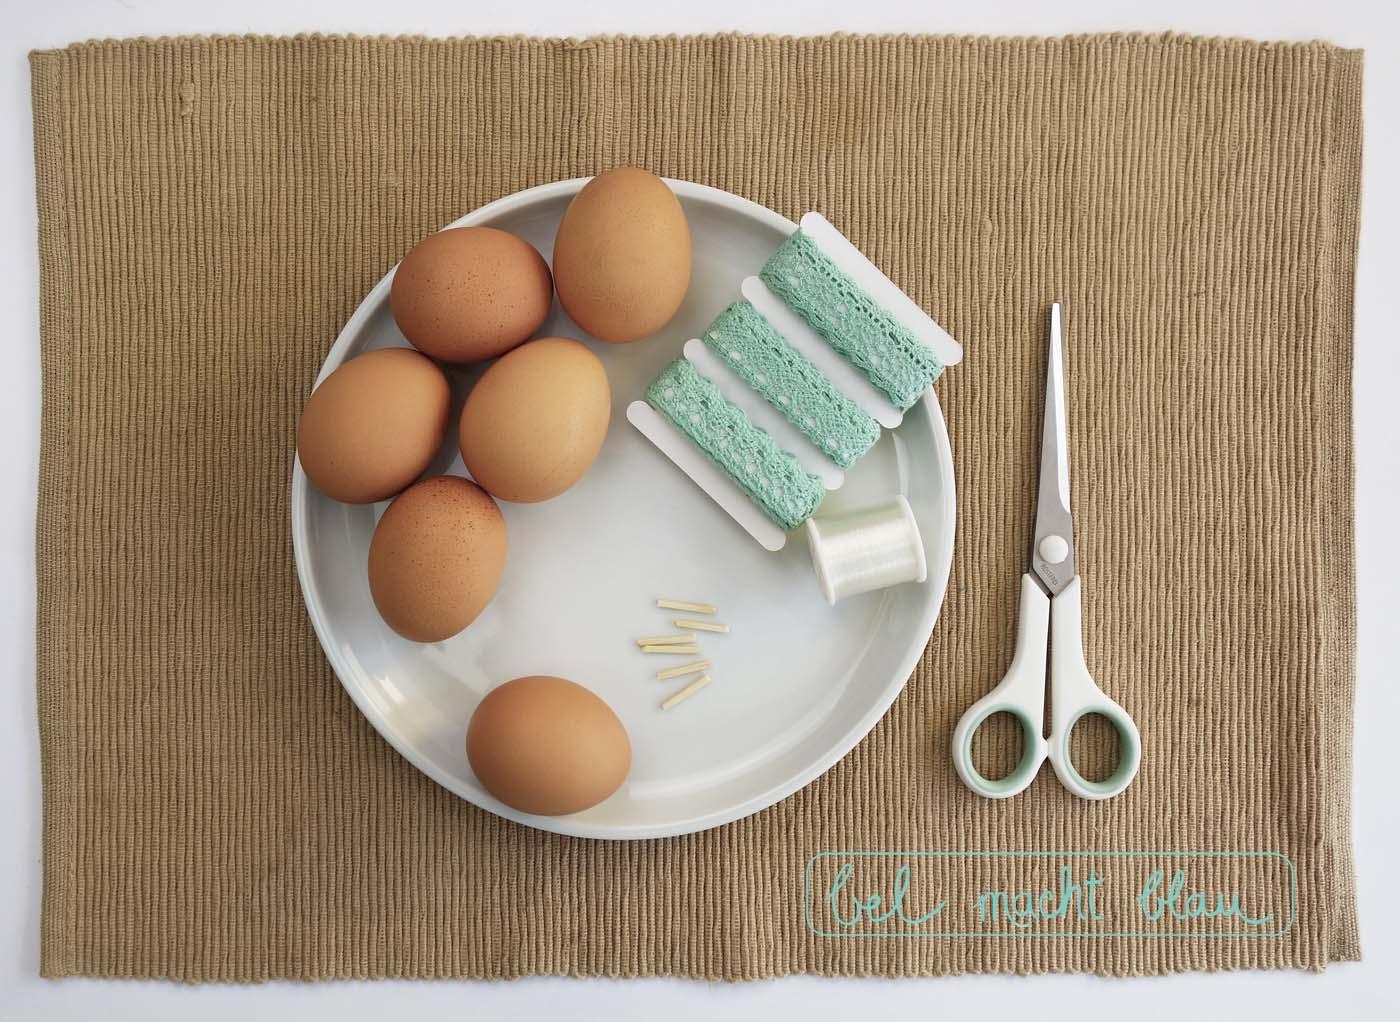 Bastelanleitung für blitzschnelle 5-Minuten-Eier-Deko